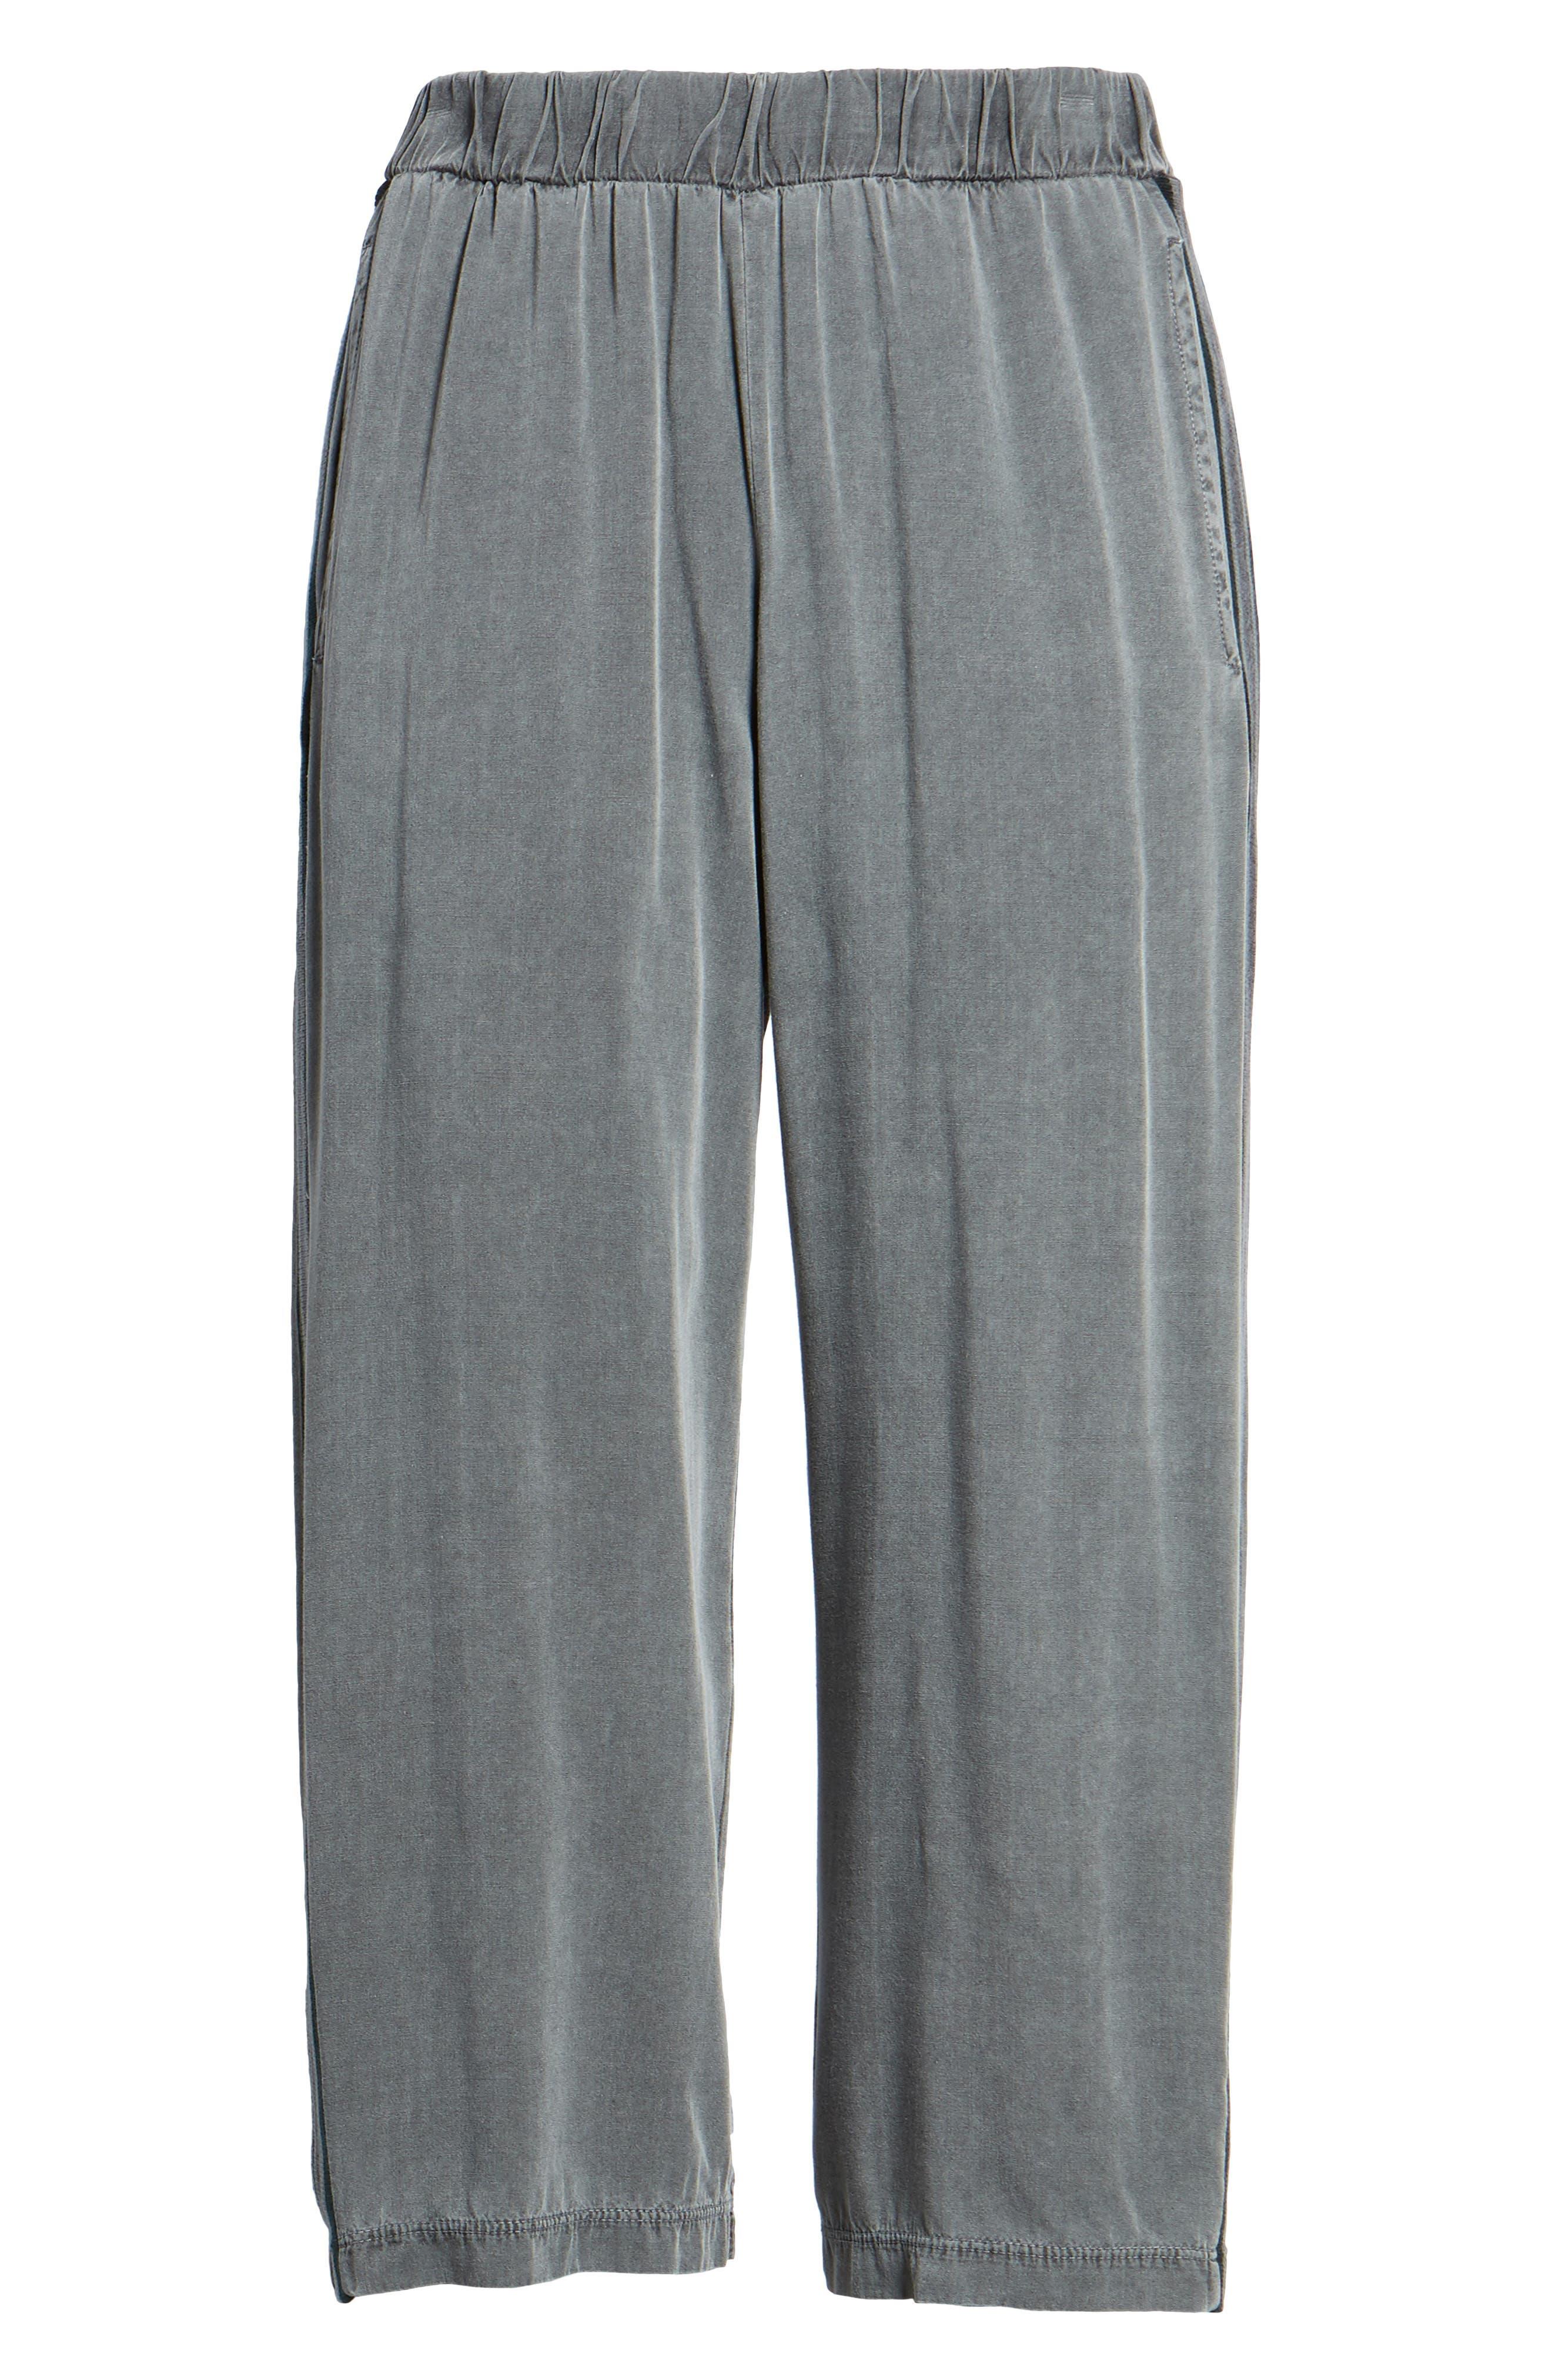 Stripe Crop Pants,                             Alternate thumbnail 7, color,                             020